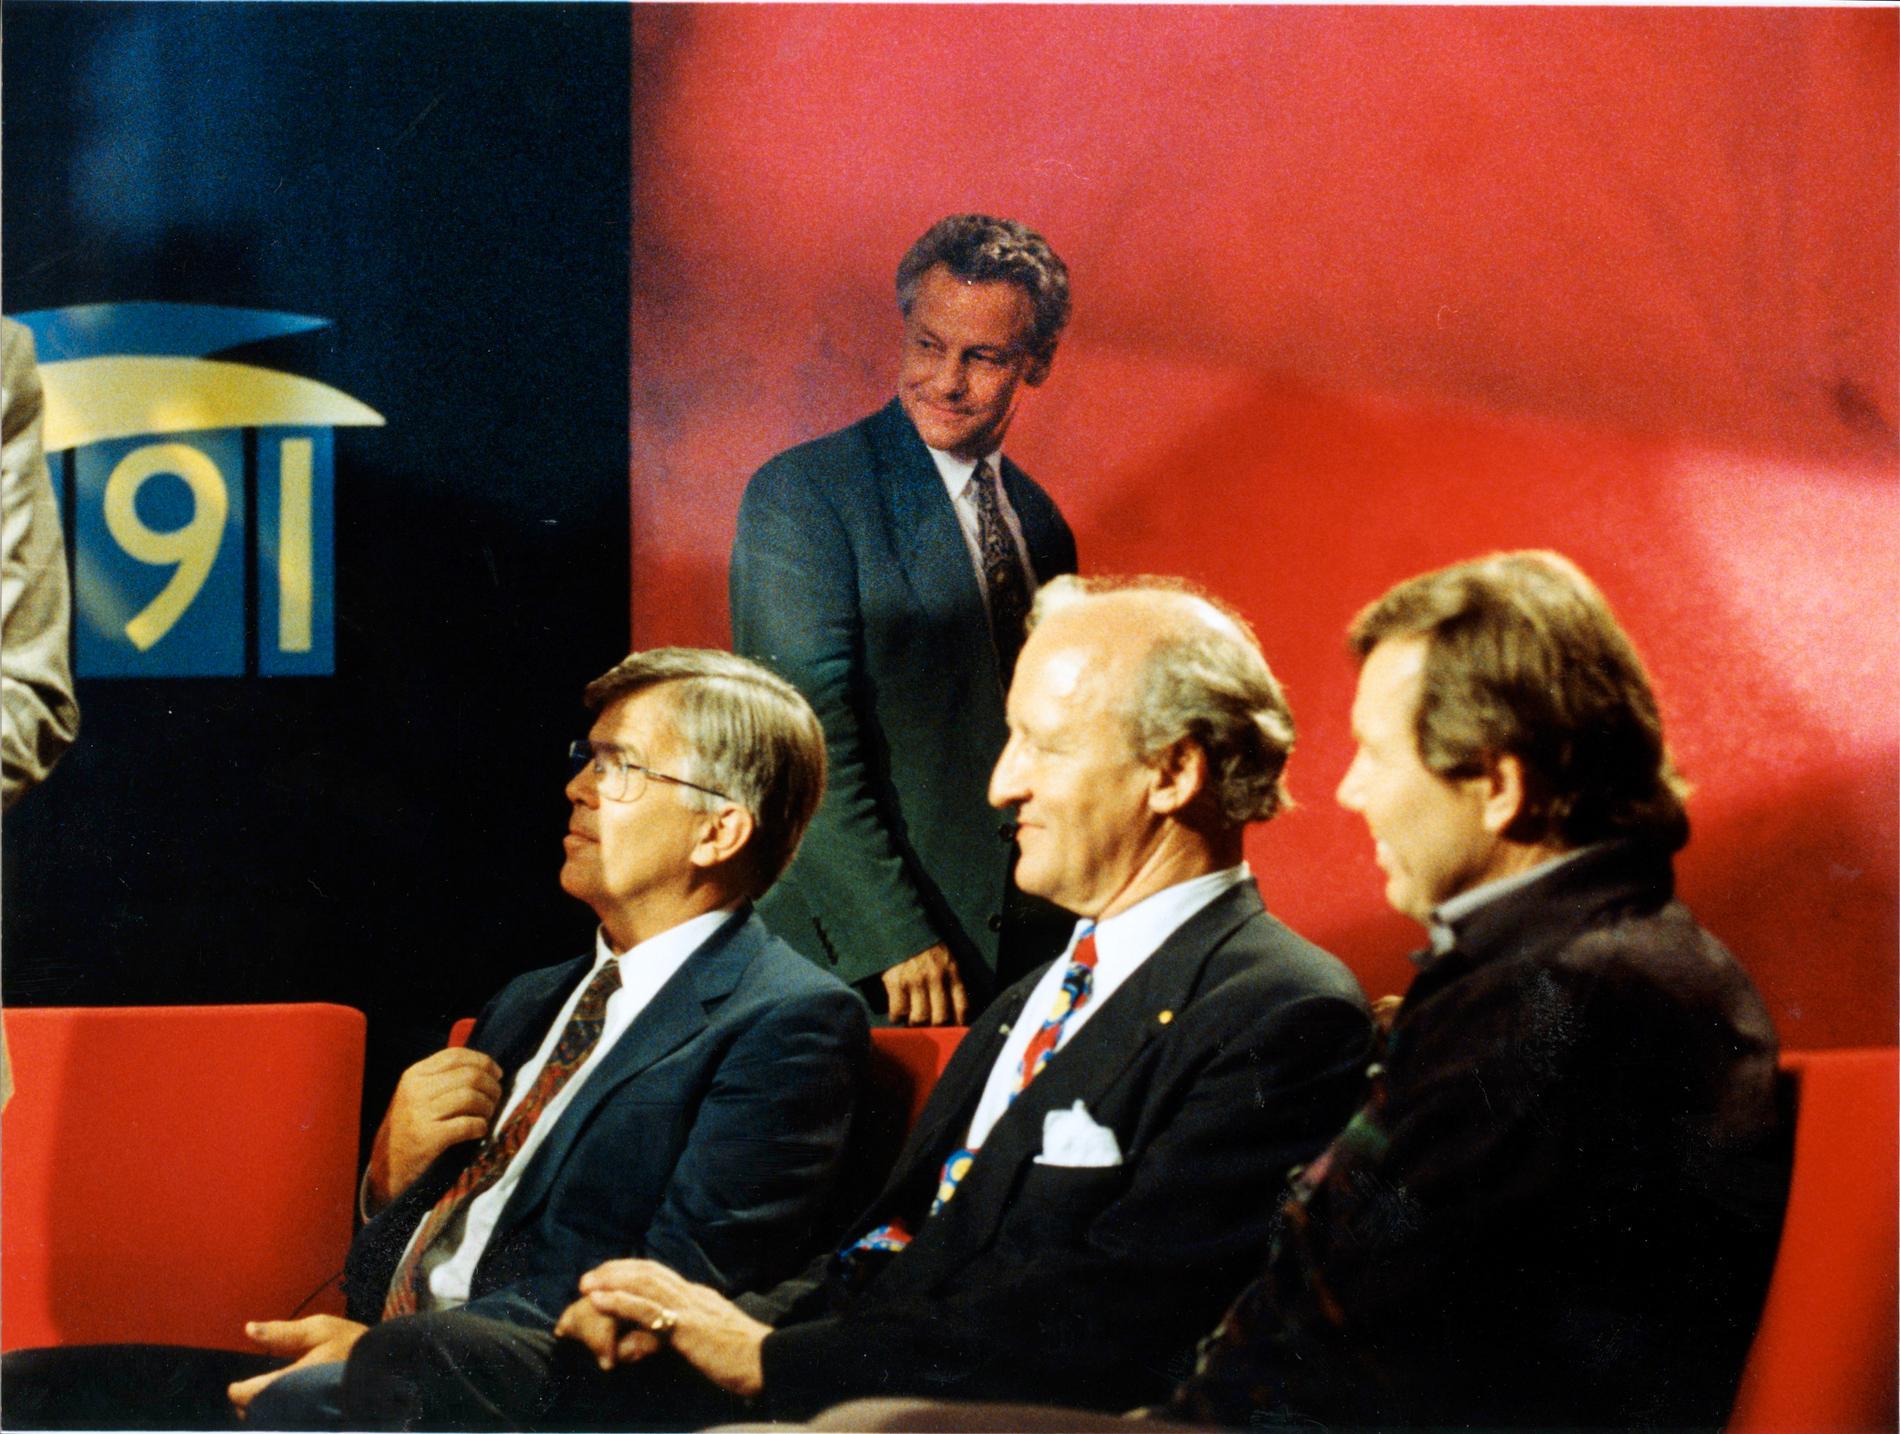 Bengt Westerberg lämnar tv-studion när Ny Demokratis Ian Wachtmeister och Bert Karlsson sätter sig i soffan. Till vänster i bild sitter Alf Svensson, dåvarande partiledare för Kristdemokraterna.